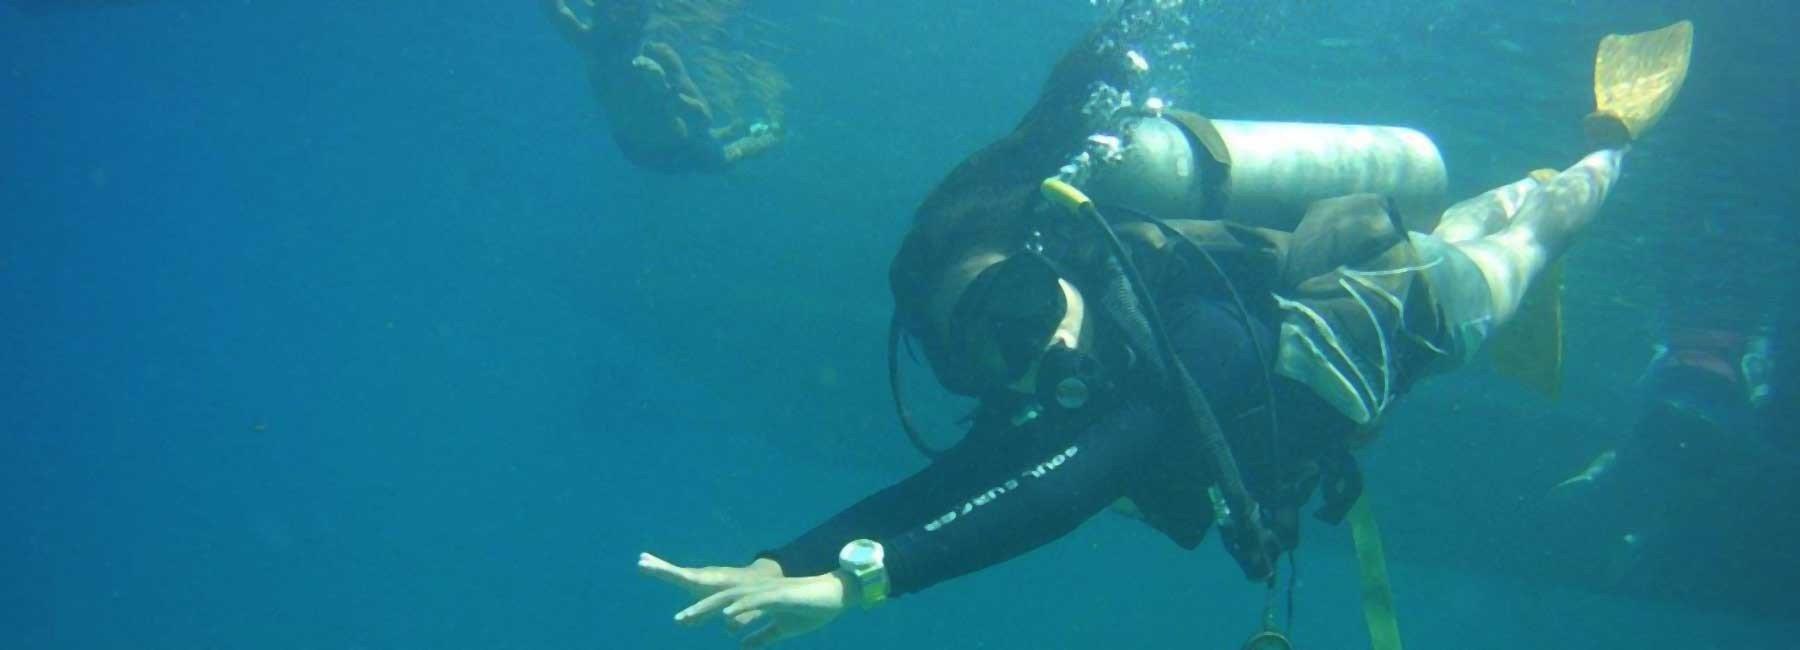 Scuba Diving - Monkey beach - goa